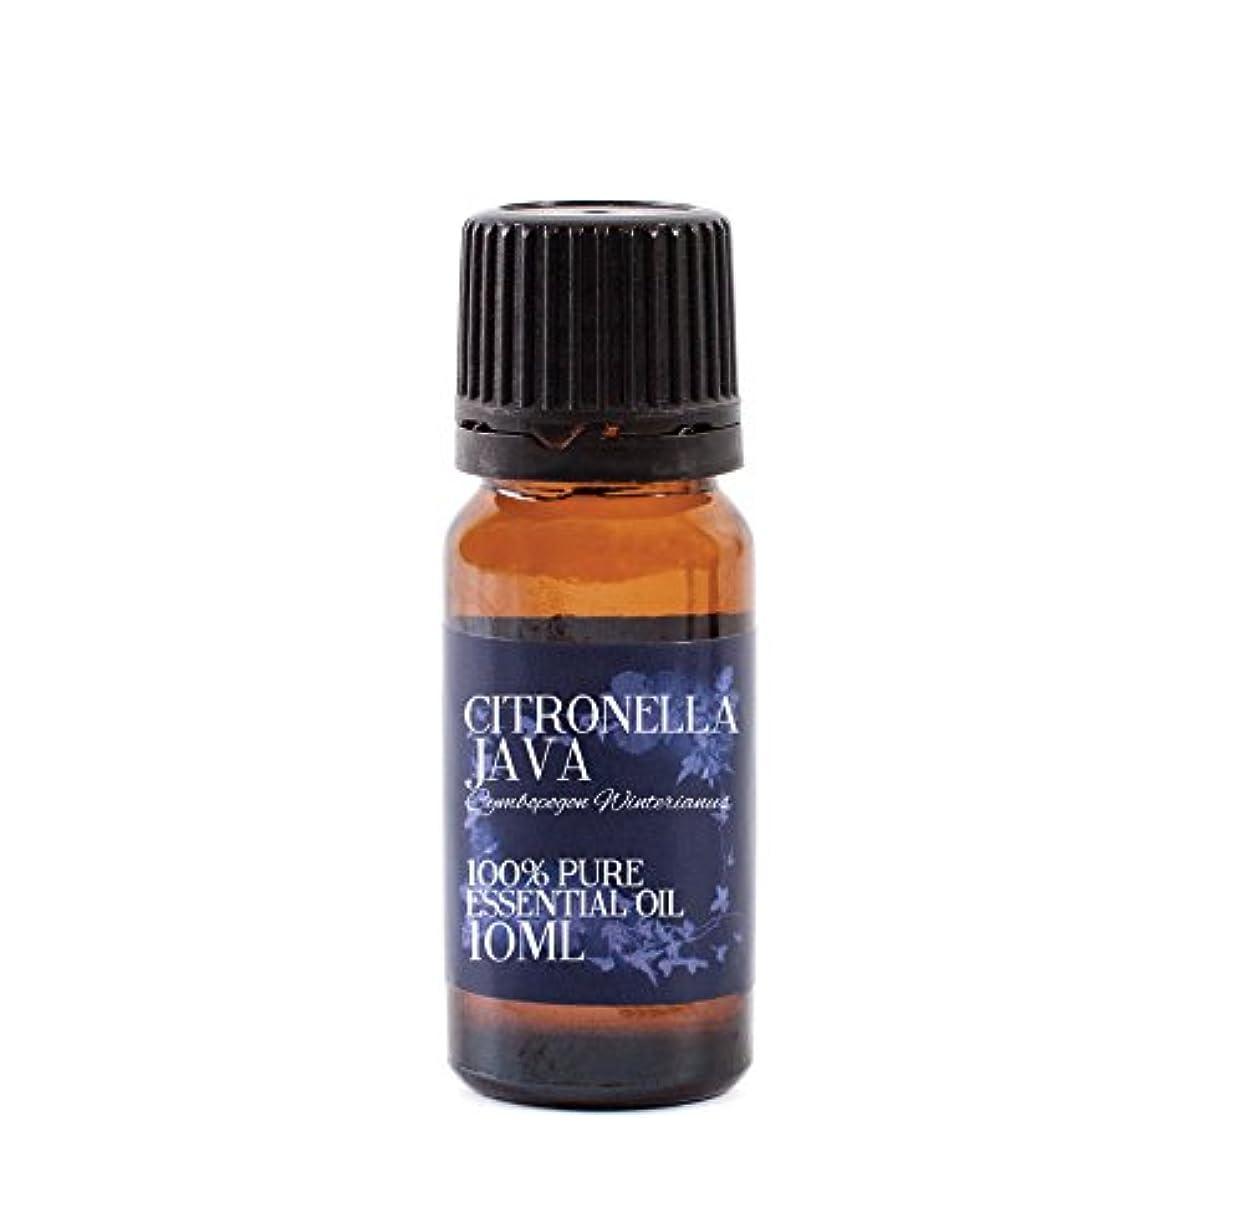 Mystic Moments | Citronella Java Essential Oil - 10ml - 100% Pure